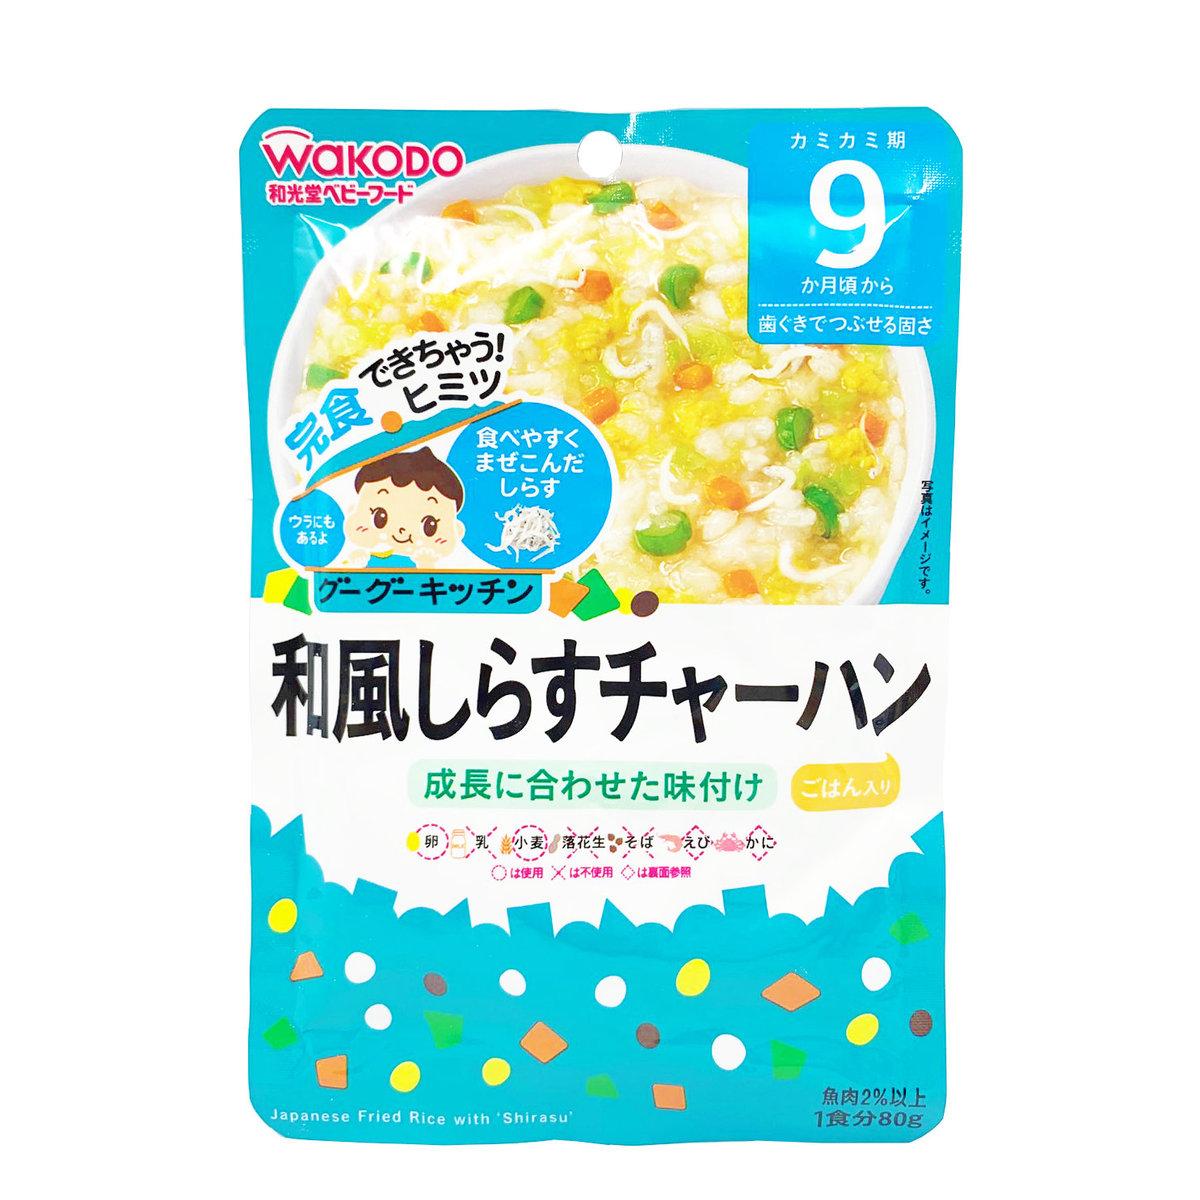 日式銀魚炒飯 #9個月或以上 80g (此日期前最佳: 2021年3月) (181633)